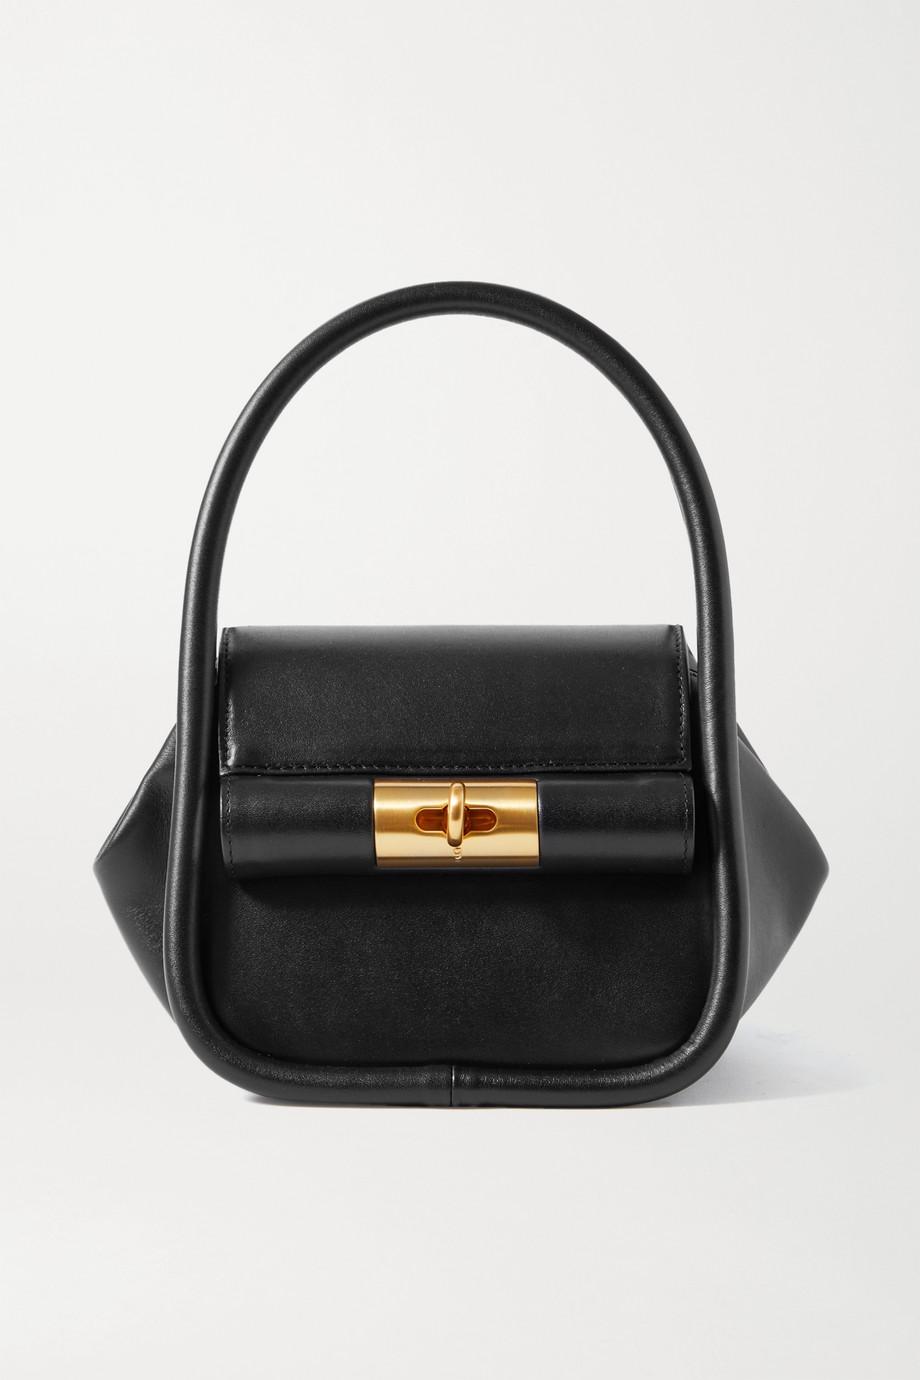 Gu_de Love leather tote